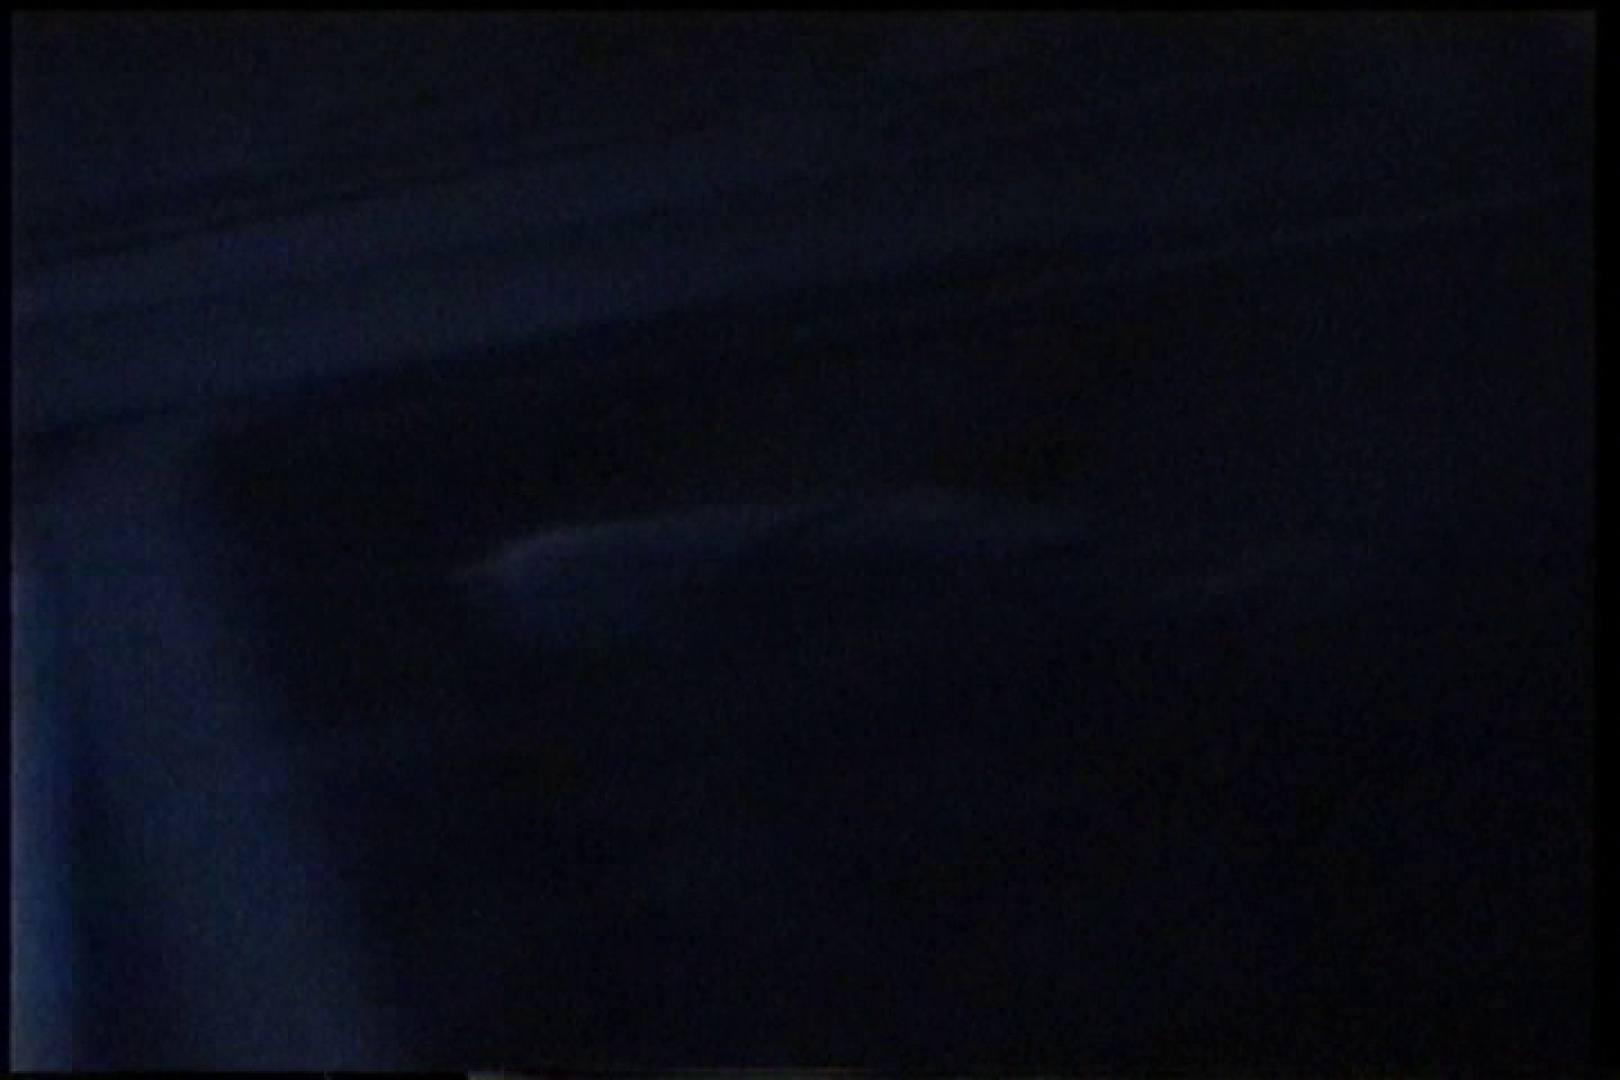 充血監督の深夜の運動会Vol.223 カーセックス 性交動画流出 57画像 35